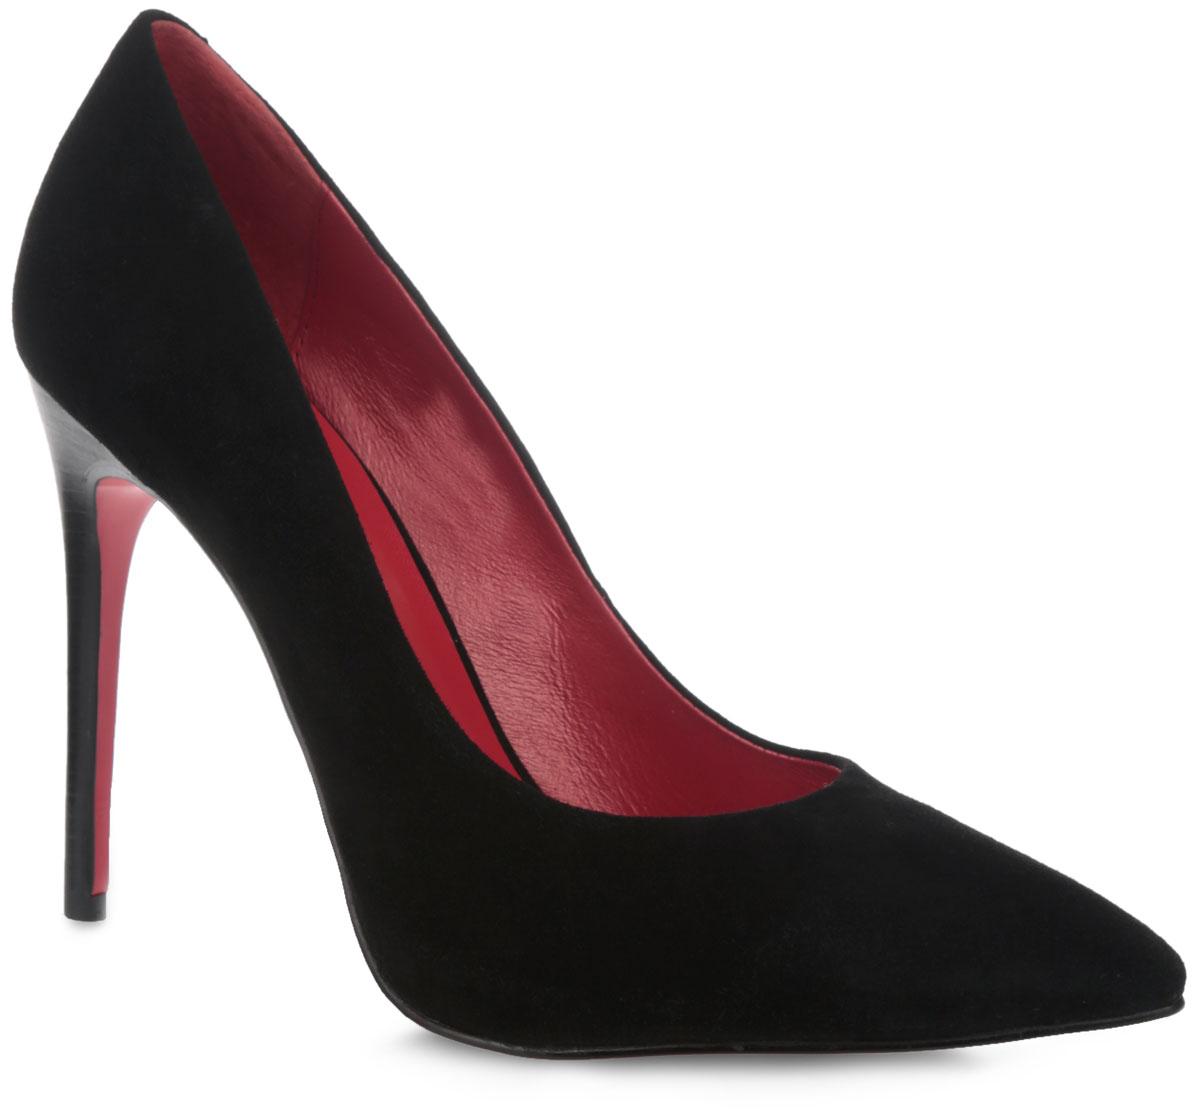 Туфли женские. F1359-5BF1359-5BИзысканные женские туфли от Winzor поразят вас своим дизайном! Модель выполнена из натурального велюра и исполнена в лаконичном стиле. Подкладка и стелька - из натуральной кожи контрастного цвета, позволят ногам дышать и обеспечат максимальный комфорт при ходьбе. Зауженный носок добавит женственности в ваш образ. Ультравысокий каблук-шпилька компенсирован скрытой платформой. Подошва из полимерного термопластичного материала для лучшей сцепки с поверхностью. Изысканные туфли добавят в ваш образ немного шарма и подчеркнут ваш безупречный вкус.